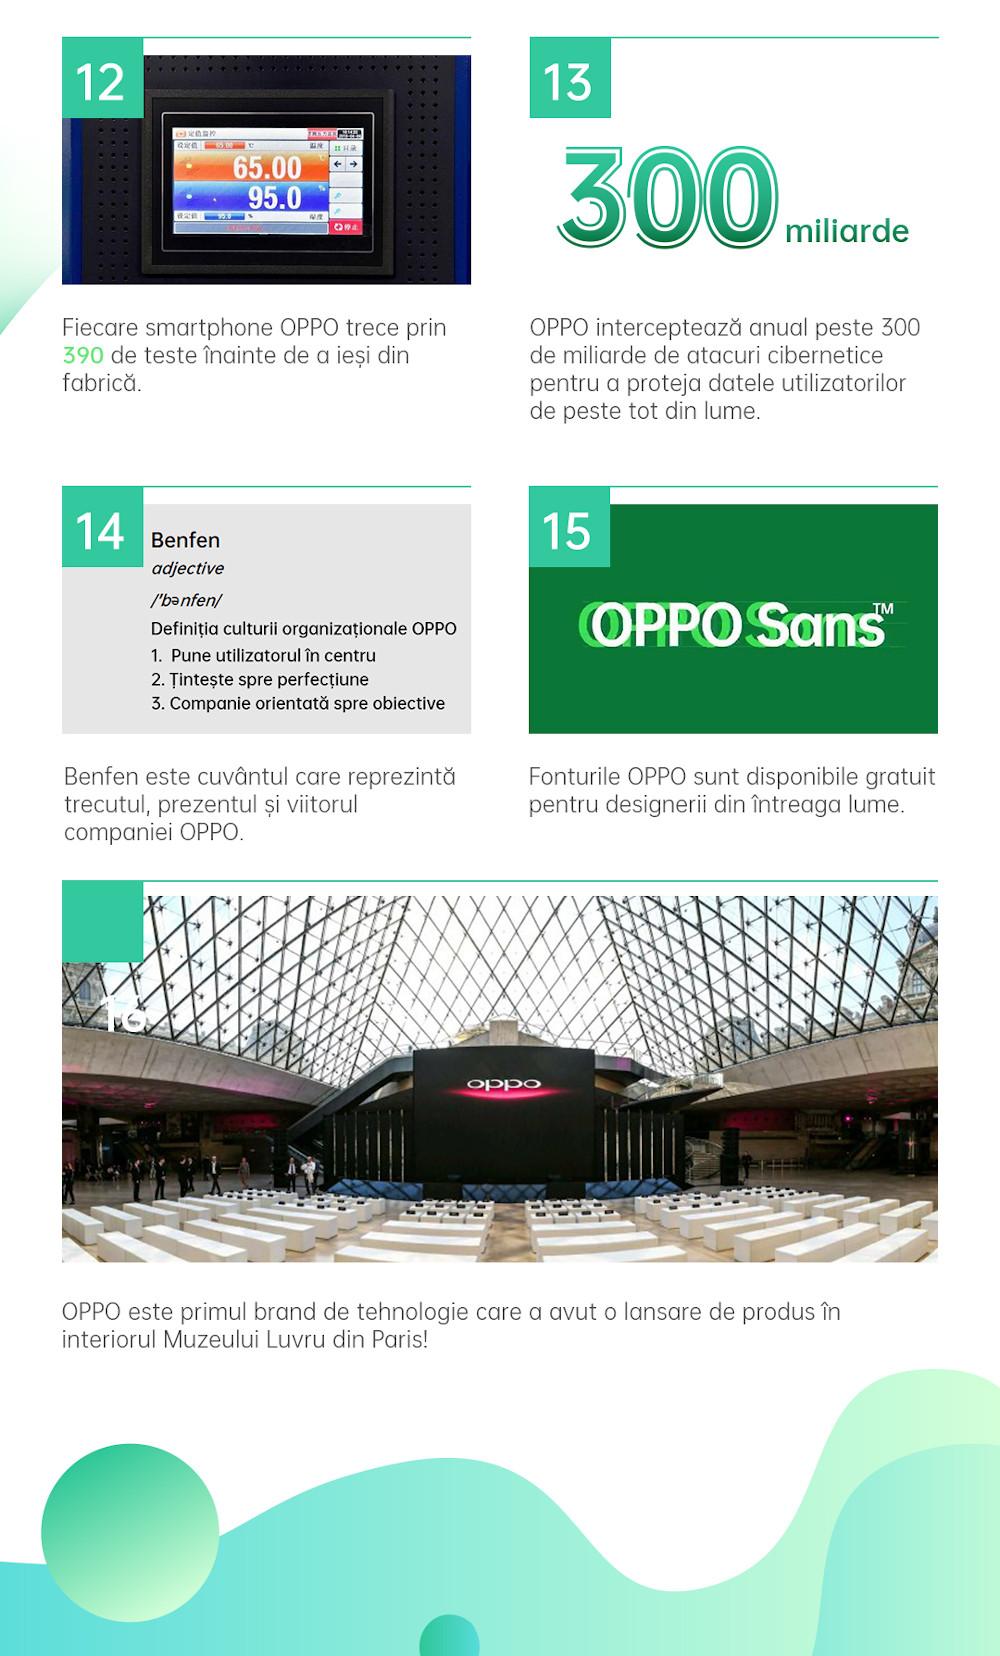 16 informatii cheie despre OPPO 3